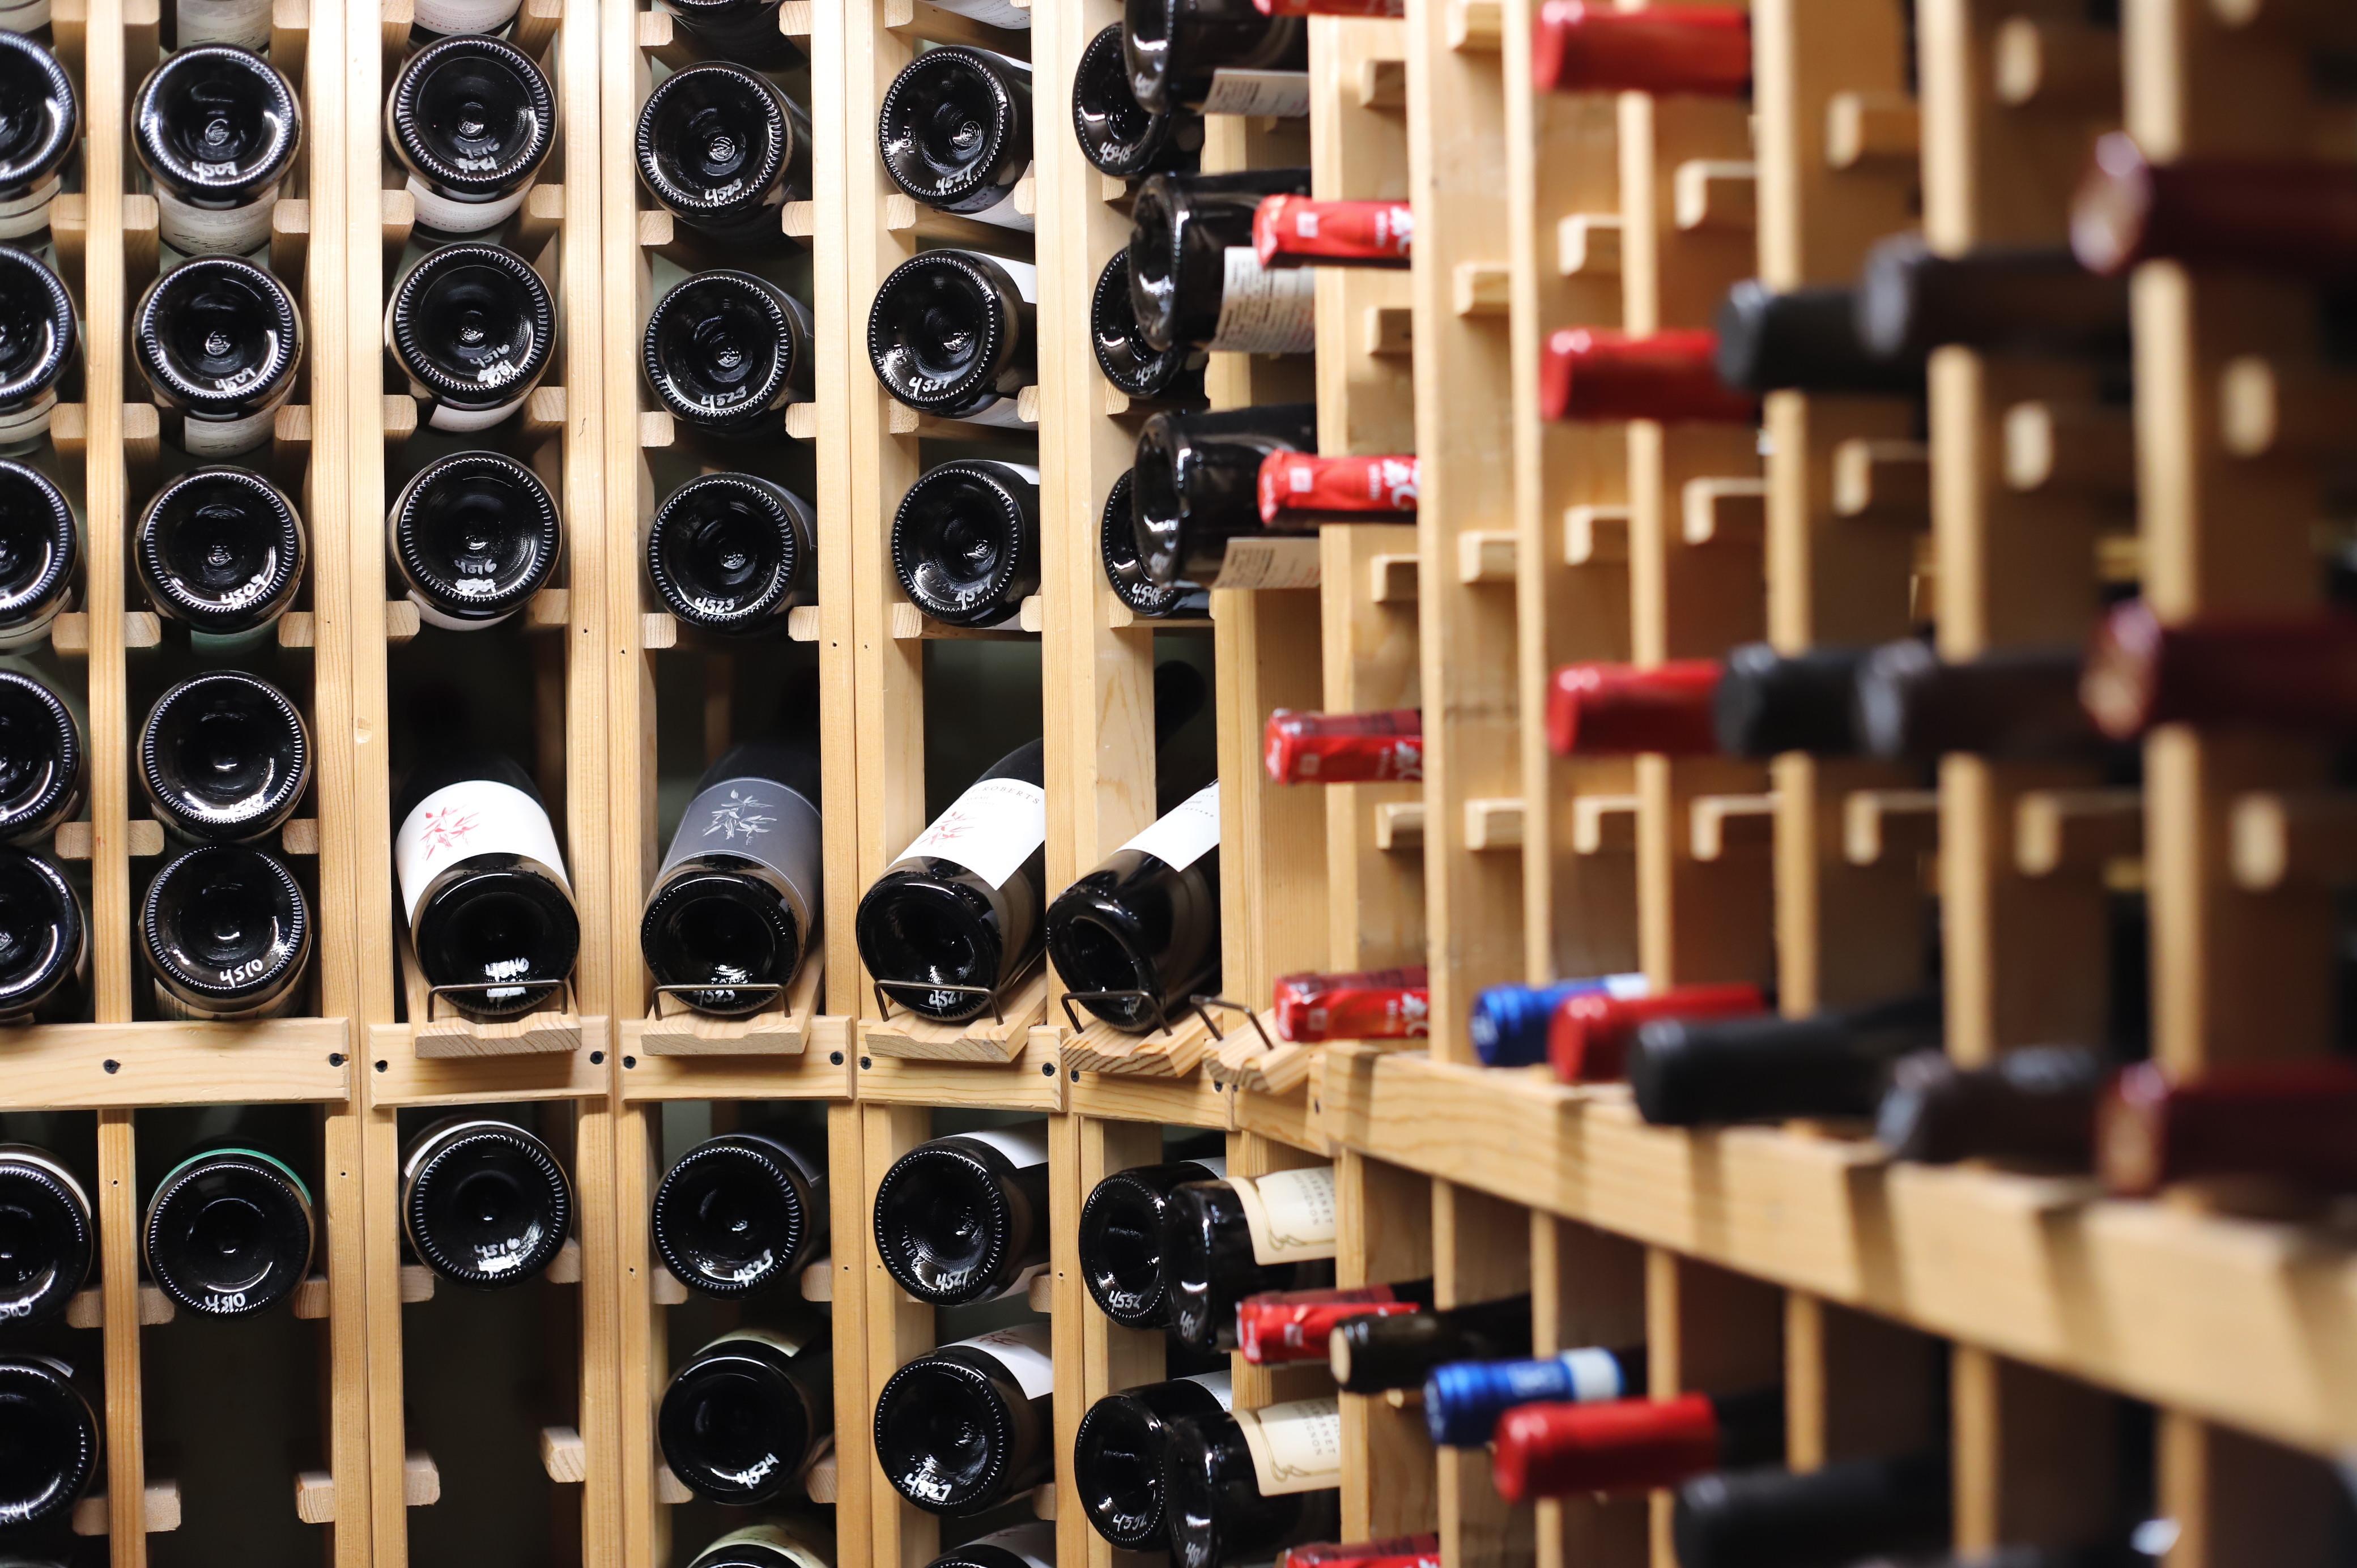 Wine bottles in a cellar.